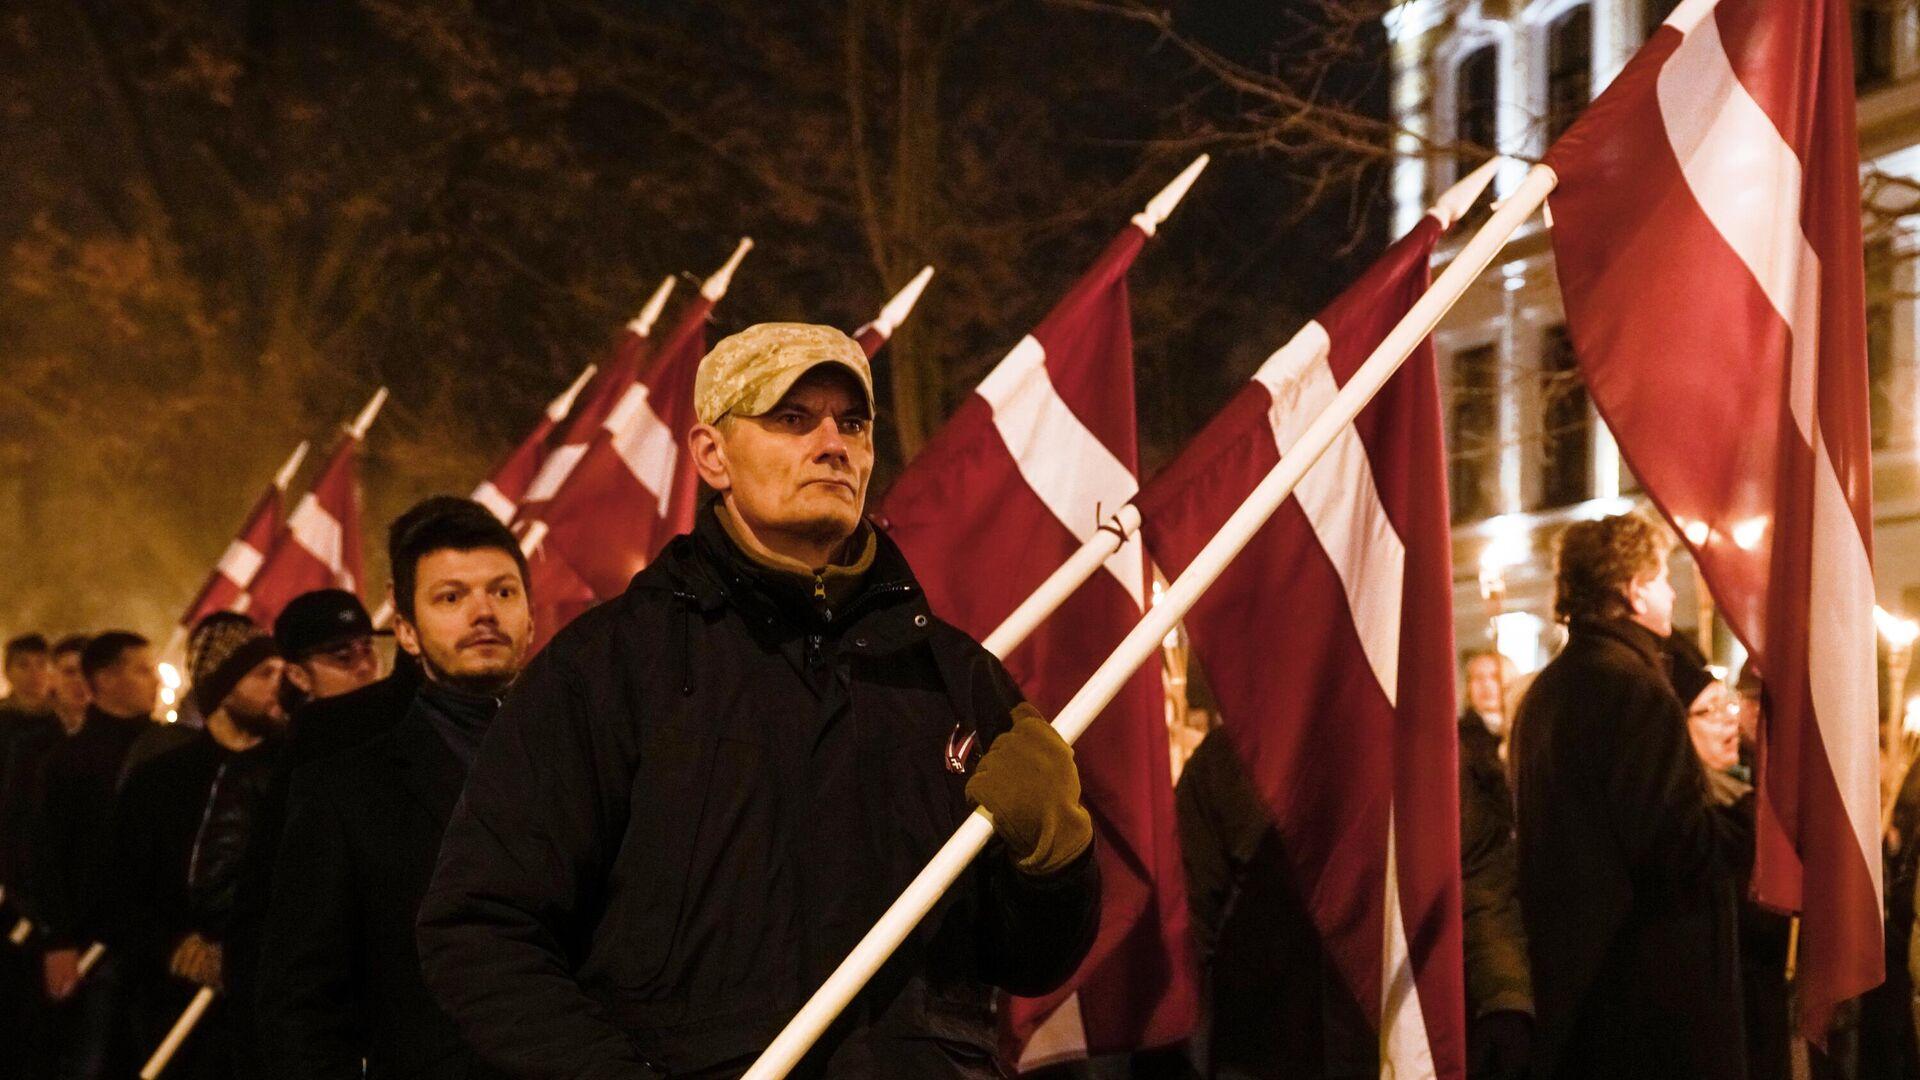 Участники факельного шествия в честь Дня независимости Латвии в Риге - РИА Новости, 1920, 24.01.2021